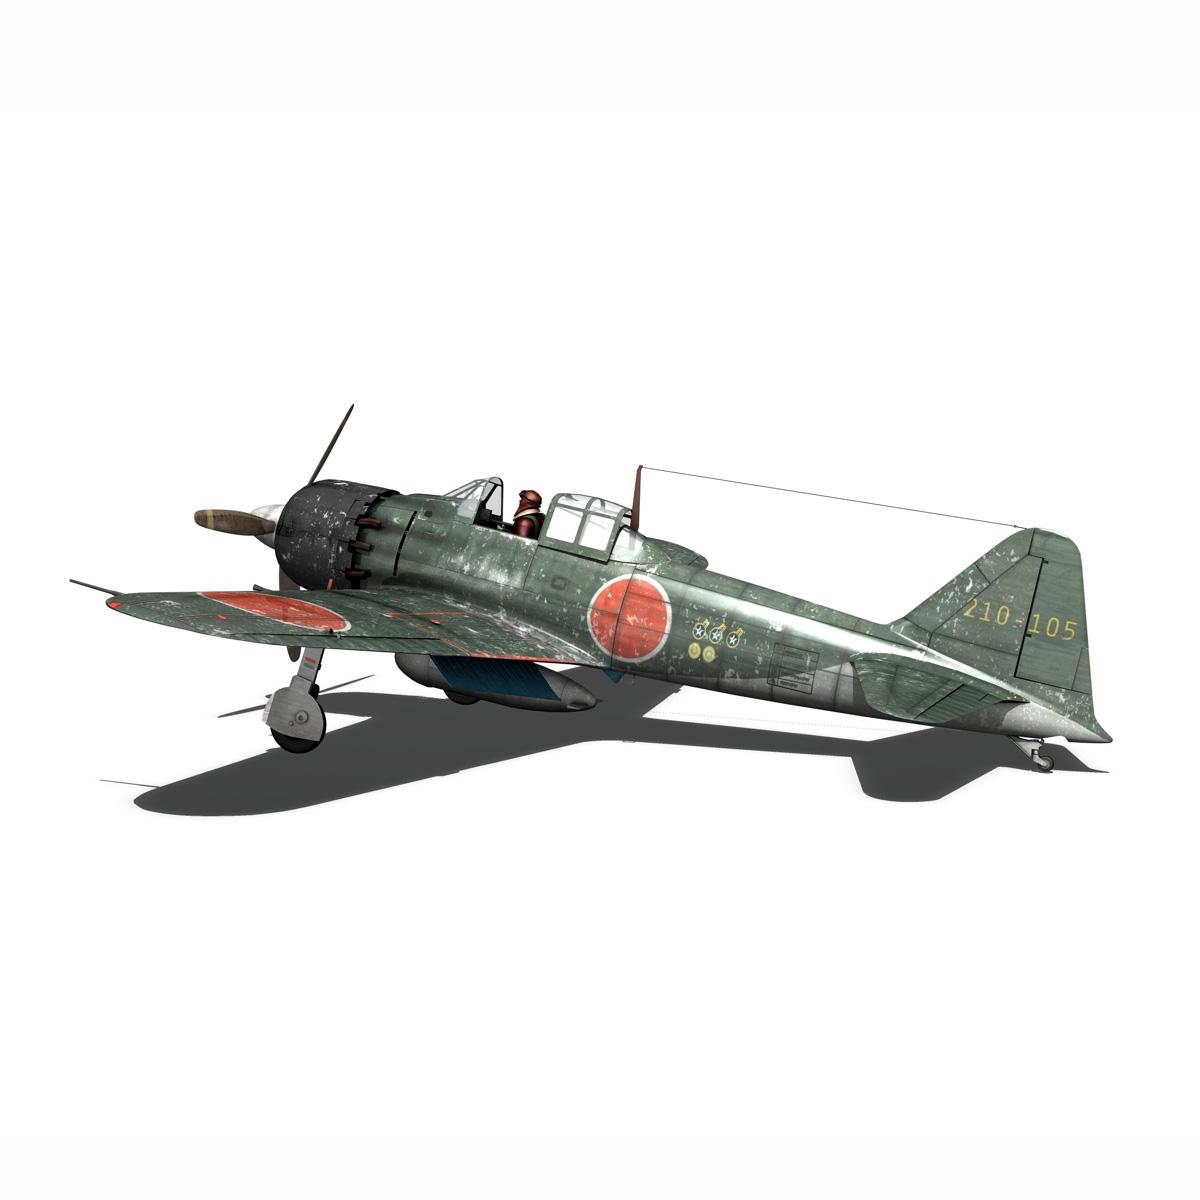 mitsubishi a6m5 zero 3d model 3ds fbx c4d lwo obj 189921